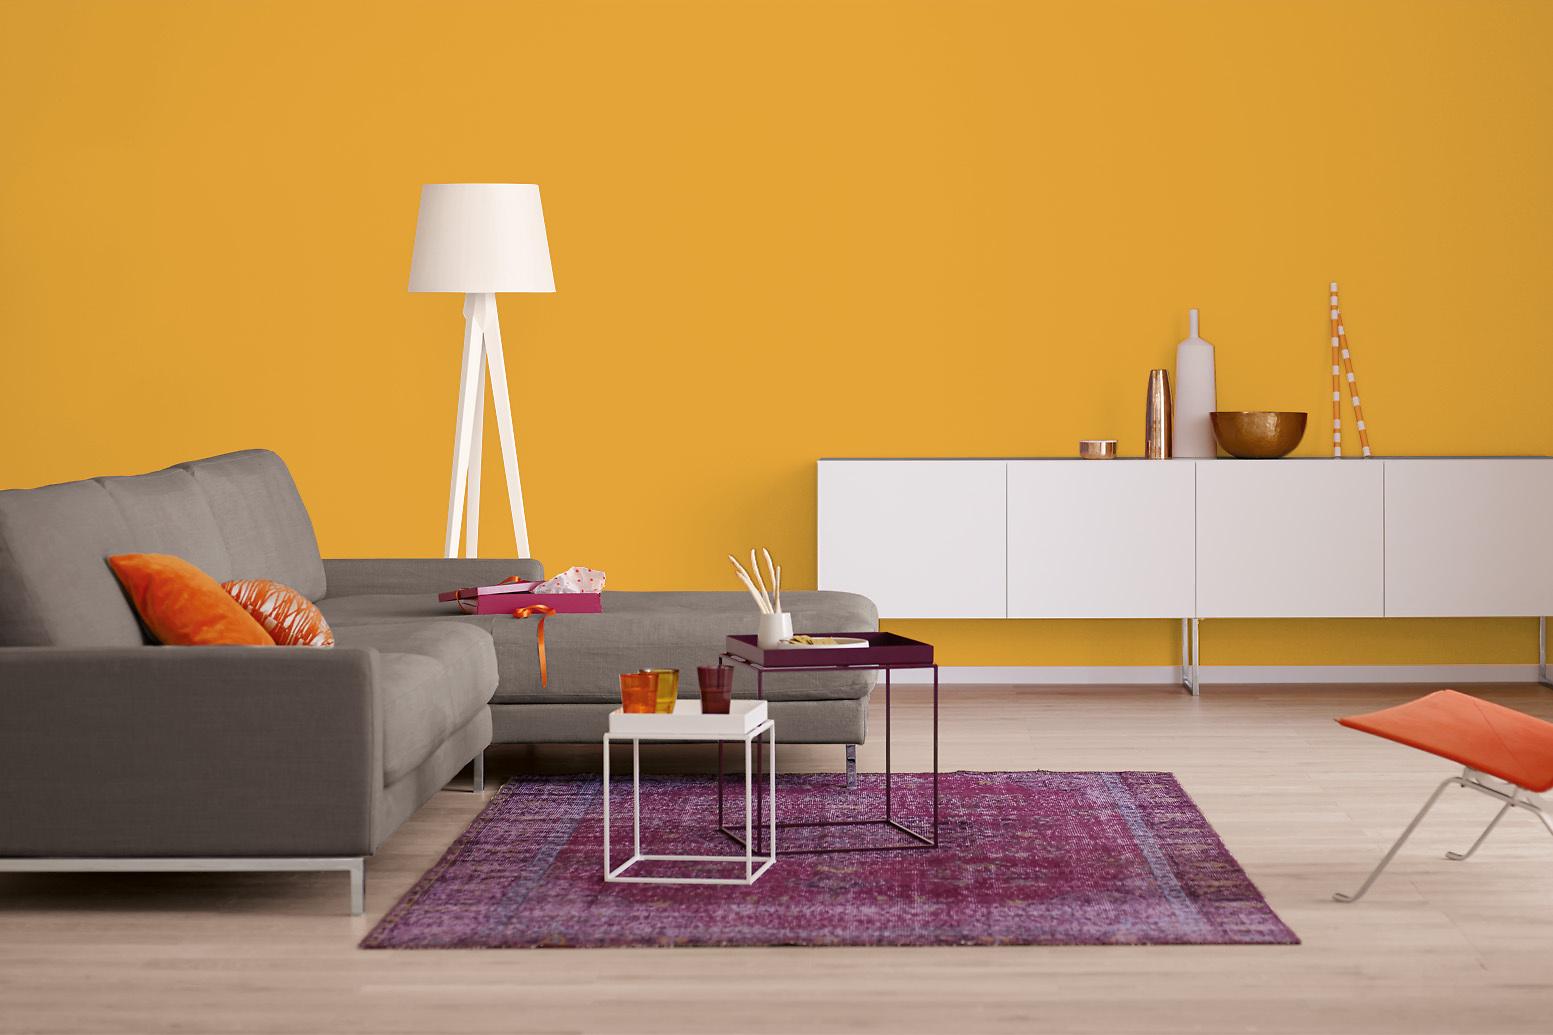 Innenfarbe In Orange Gelb Streichen Alpina Farbrezepte Happy Weekend Alpina Farben